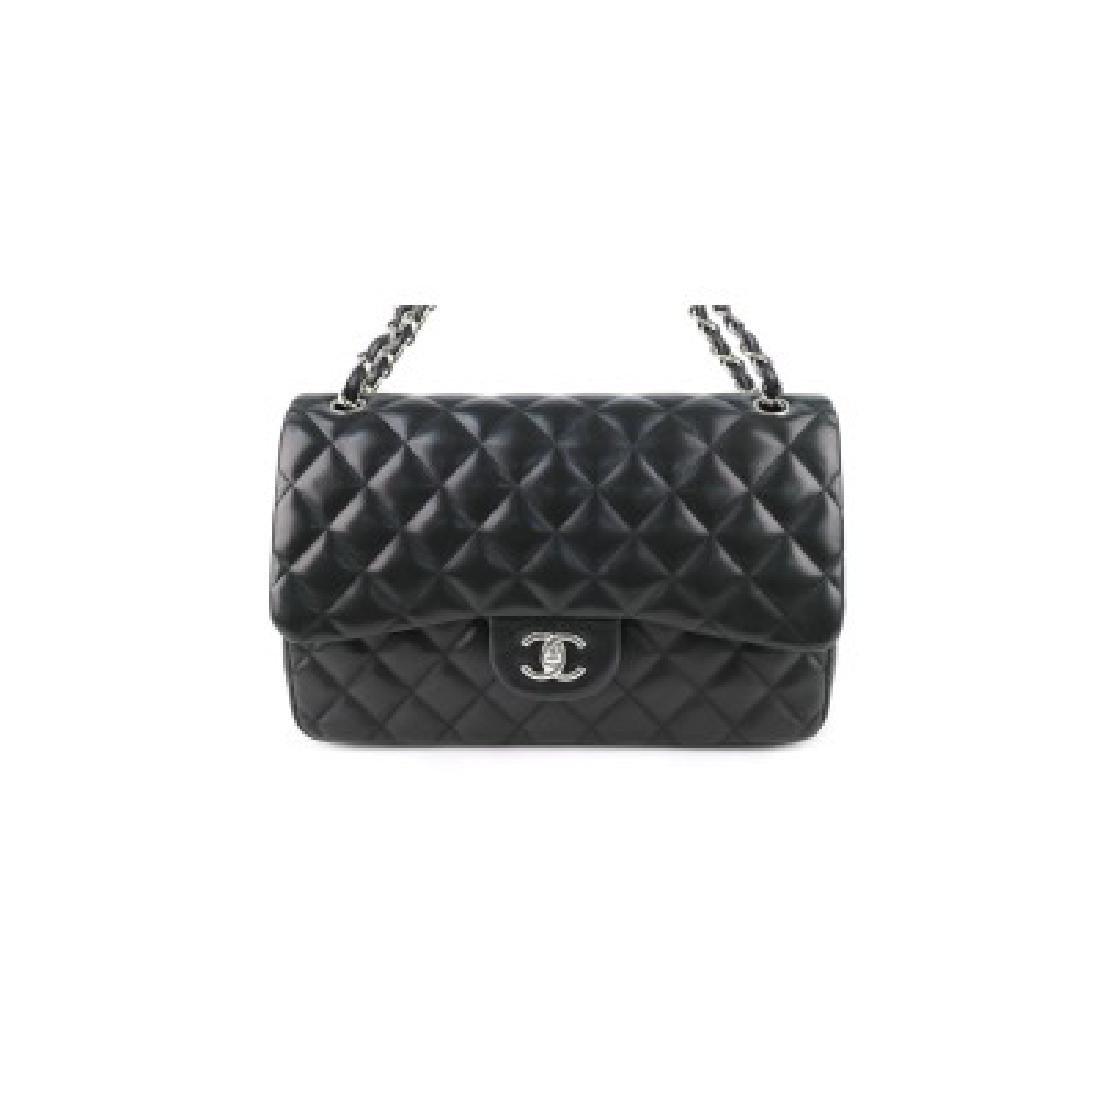 Channel Black Jumbo Double Flap  Handbag